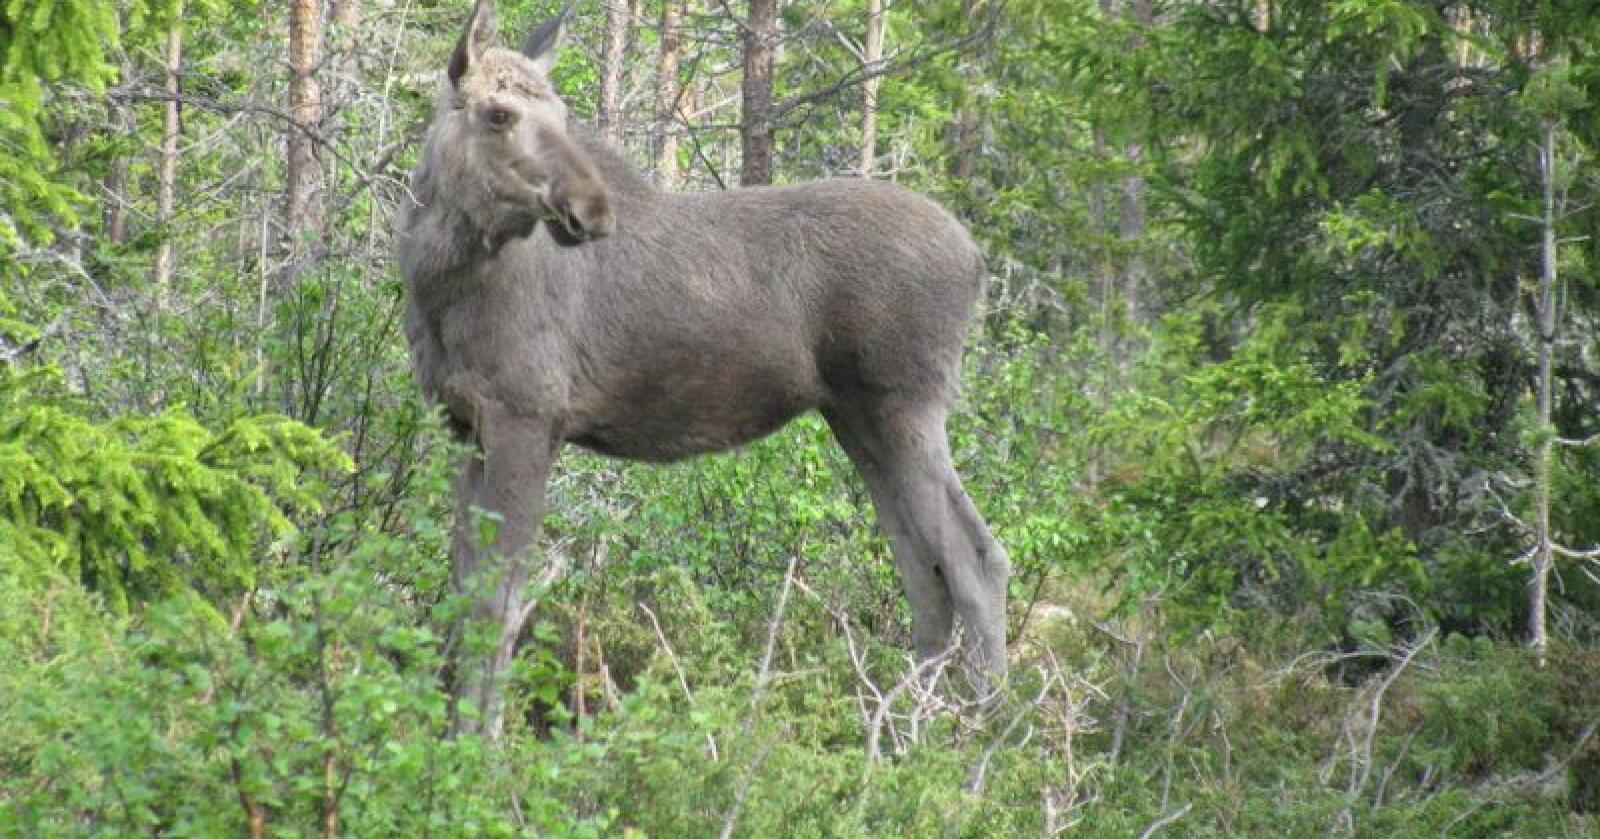 CWD hos elg i Norden har vist atypiske funn sammenliknet med villreinen fra Nordfjella og hjortedyr i Nord-Amerika. Samtlige elg har vært gamle kyr, og fordelingen av smittestoff i dyrekroppen er ulik fra villreinen. Elgen på bildet er ikke smittet av CWD. (Foto: Barbara Zimmermann)